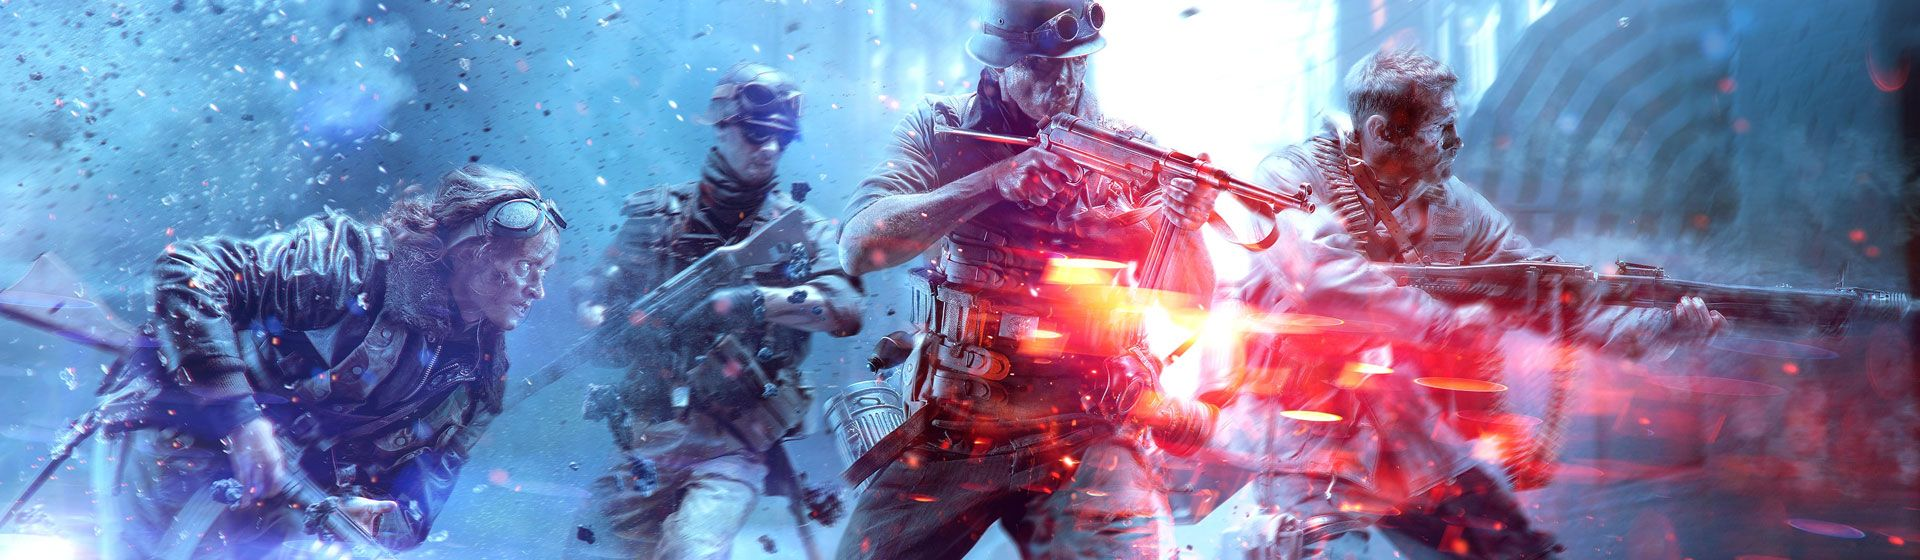 Battlefield 1 e Battlefield 5 chegam para assinantes do Prime Gaming